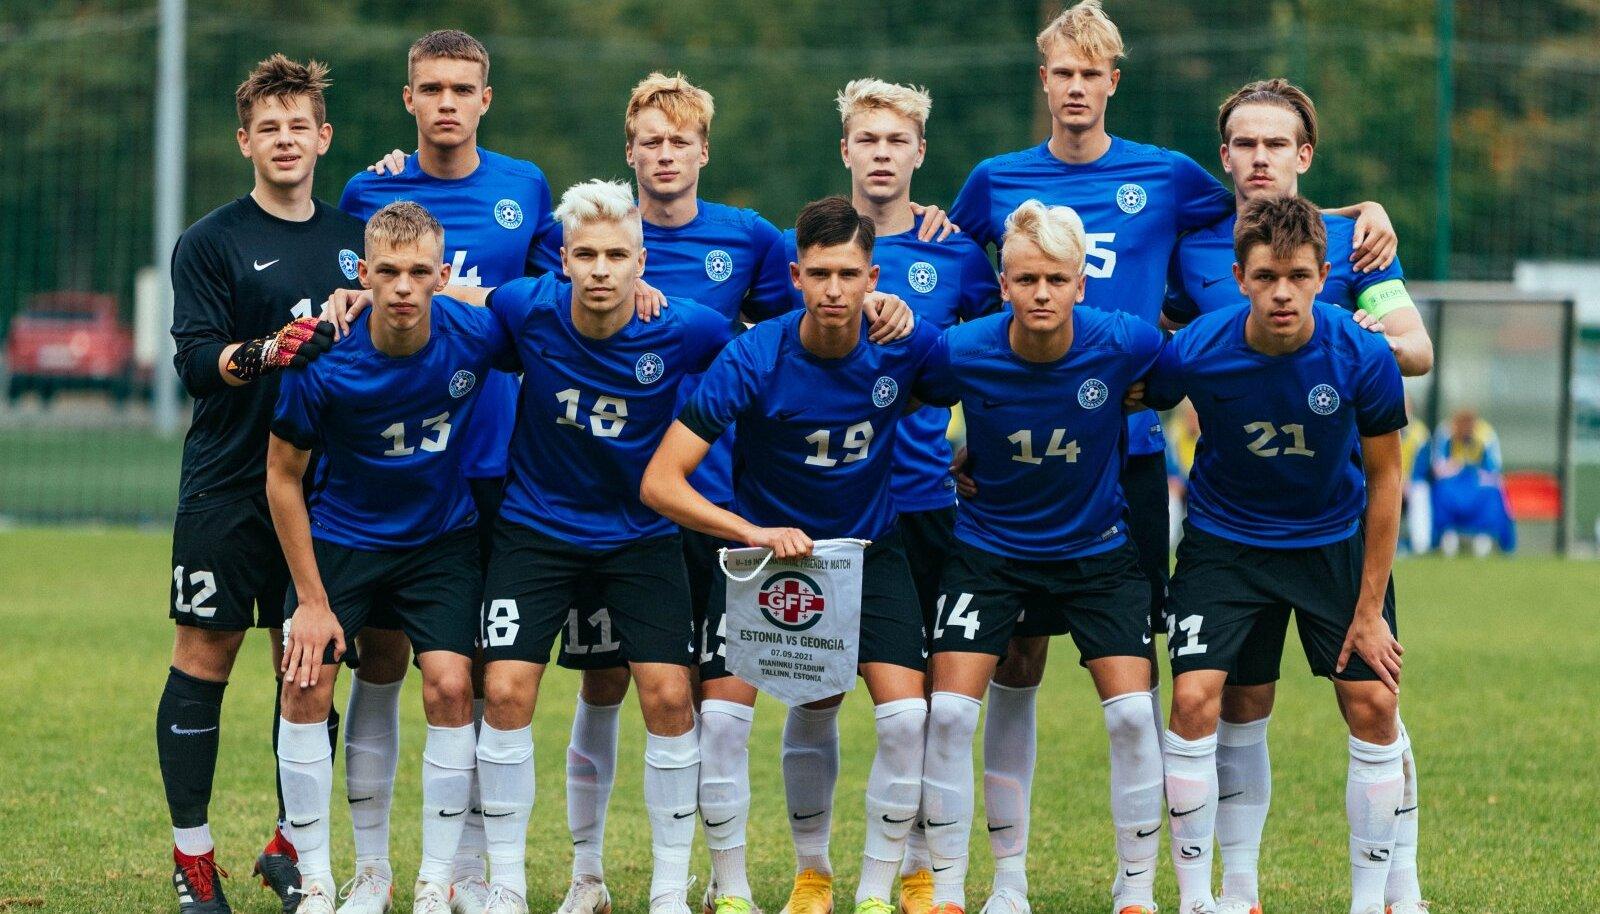 Eesti U19 koondis.